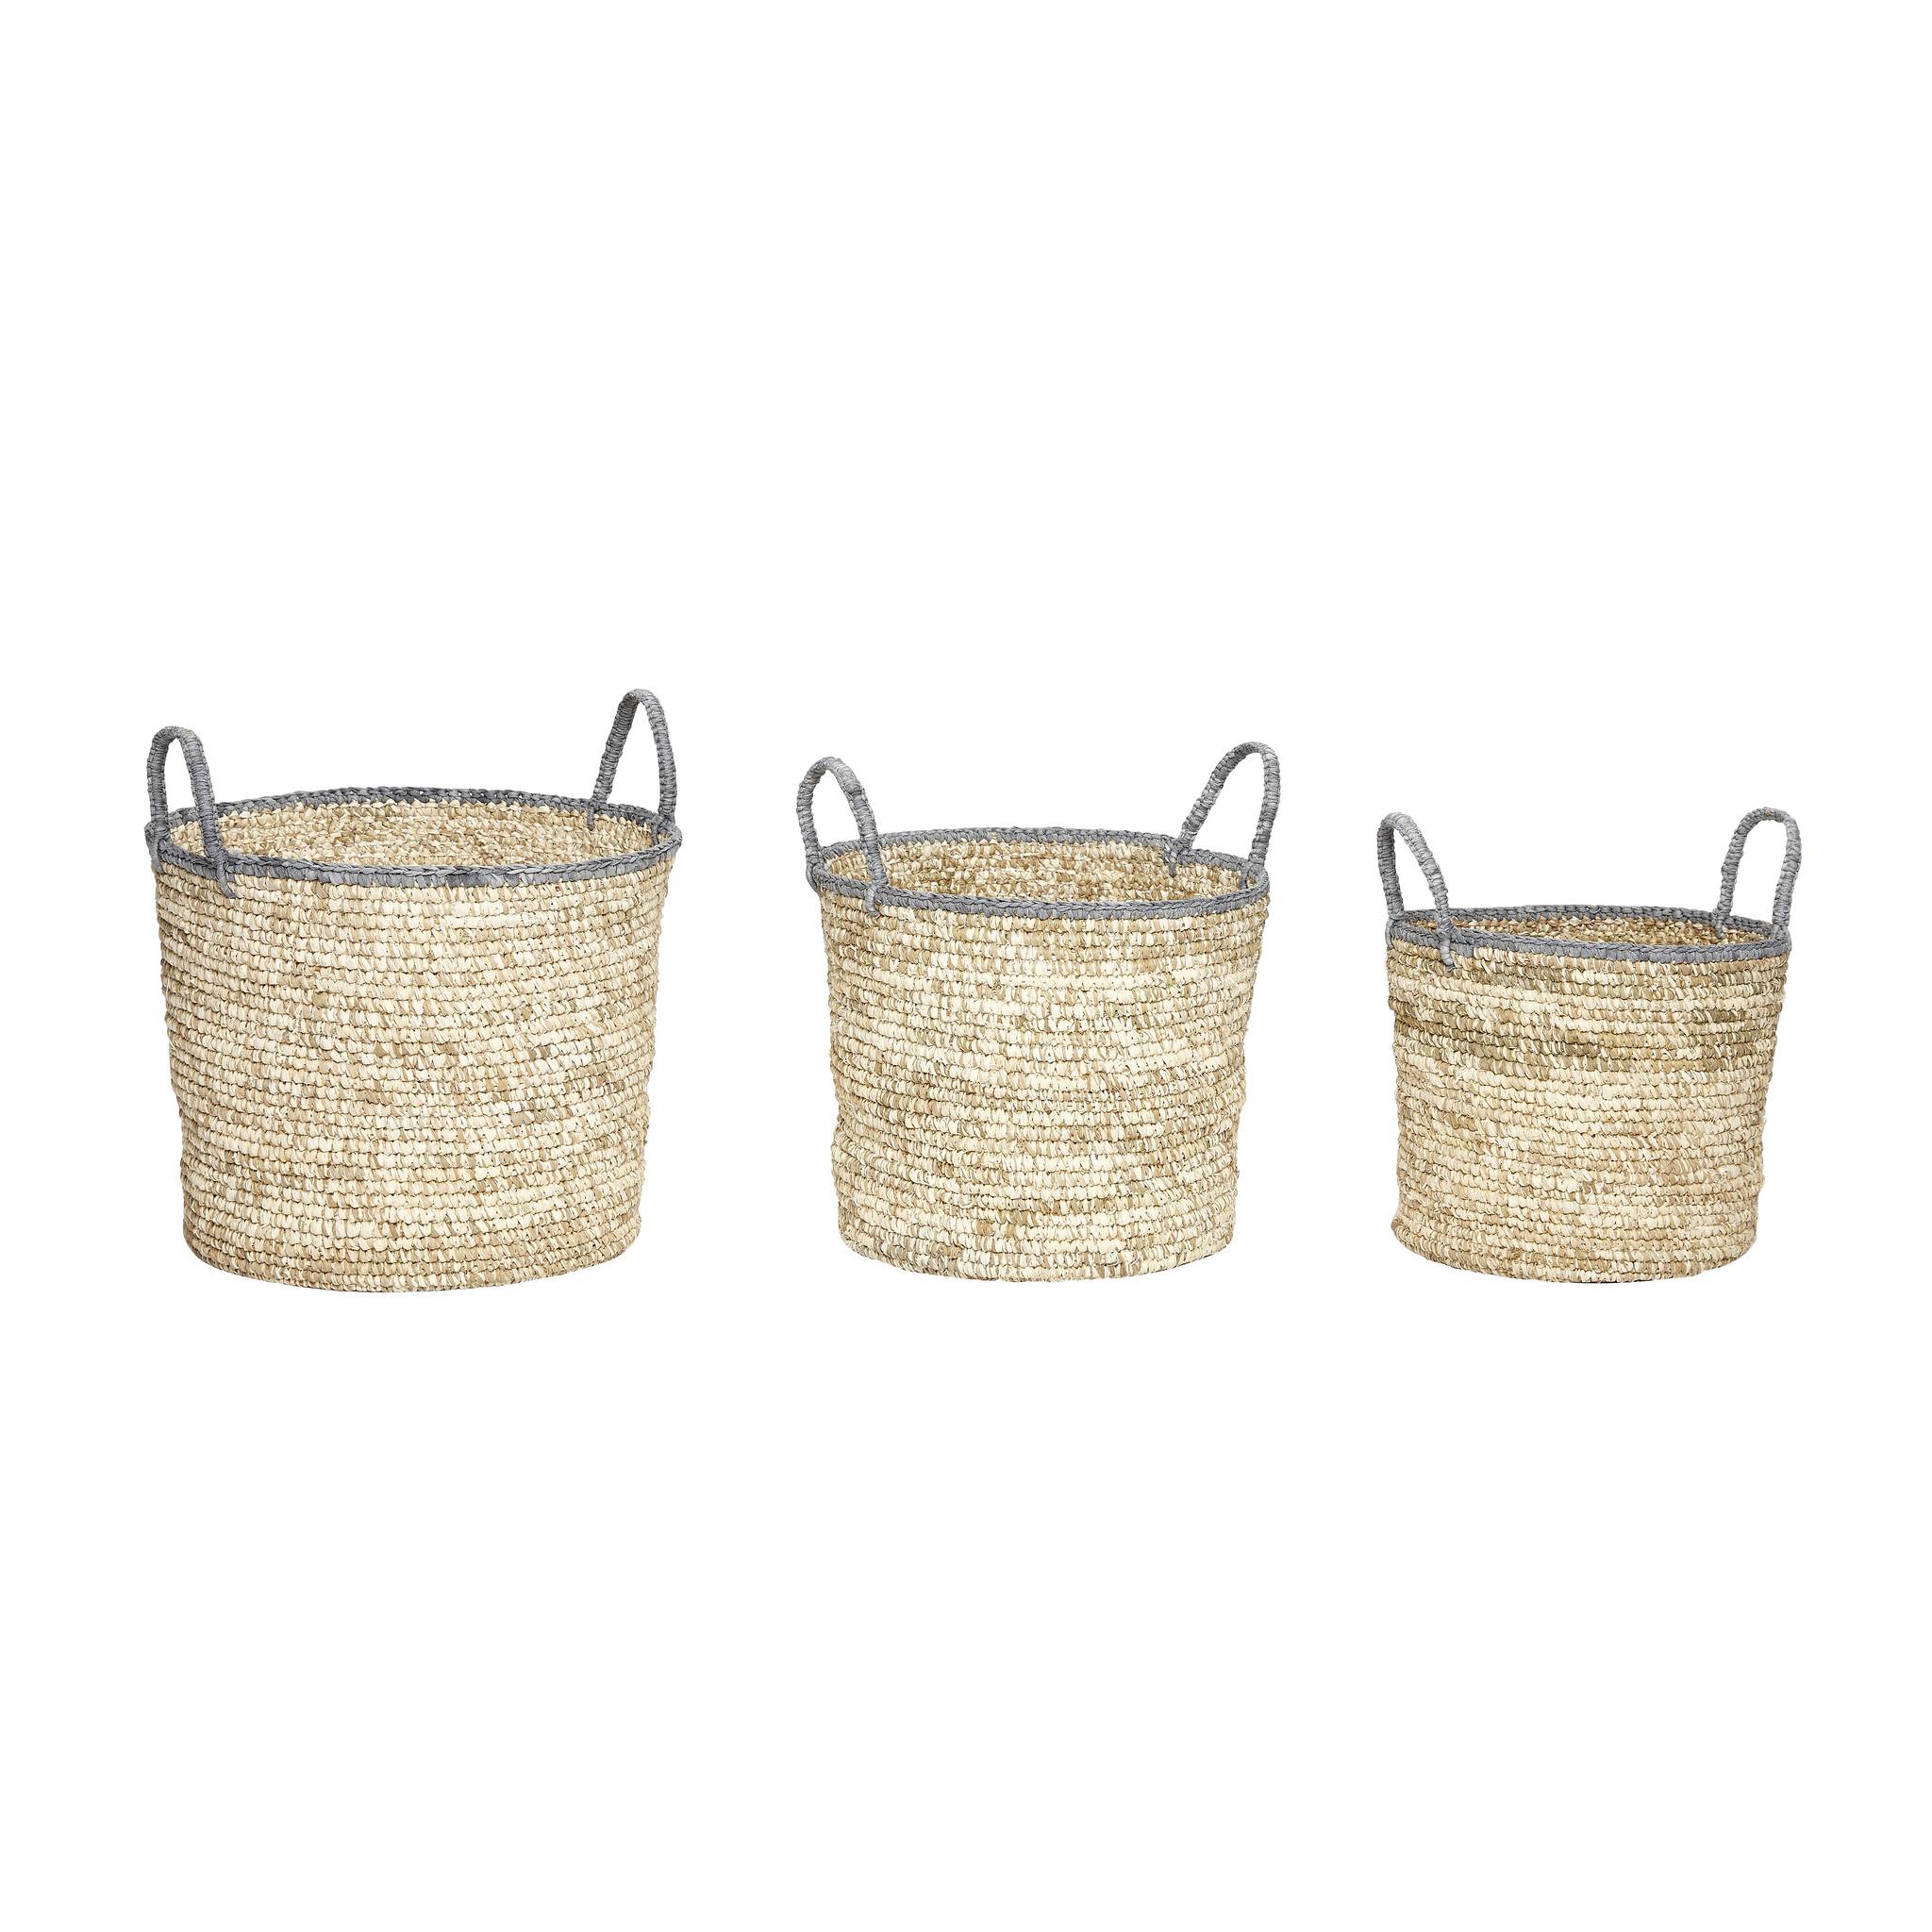 Hubsch Basket, gajih, natuur, set van 3-170114-5712772047255